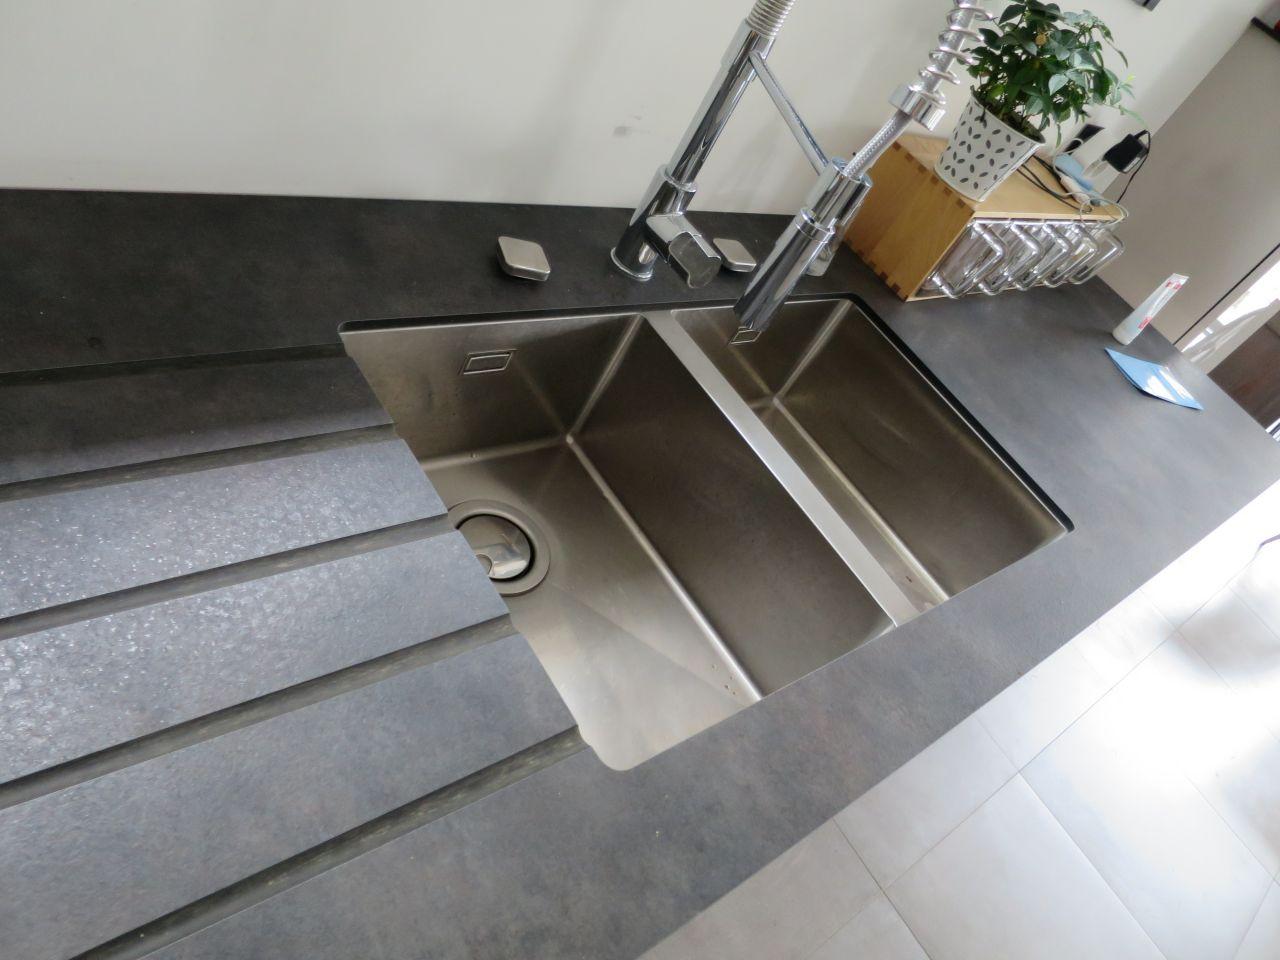 Gros plan sur la cuisine breuillet charente maritime - Evier moule dans plan de travail ...